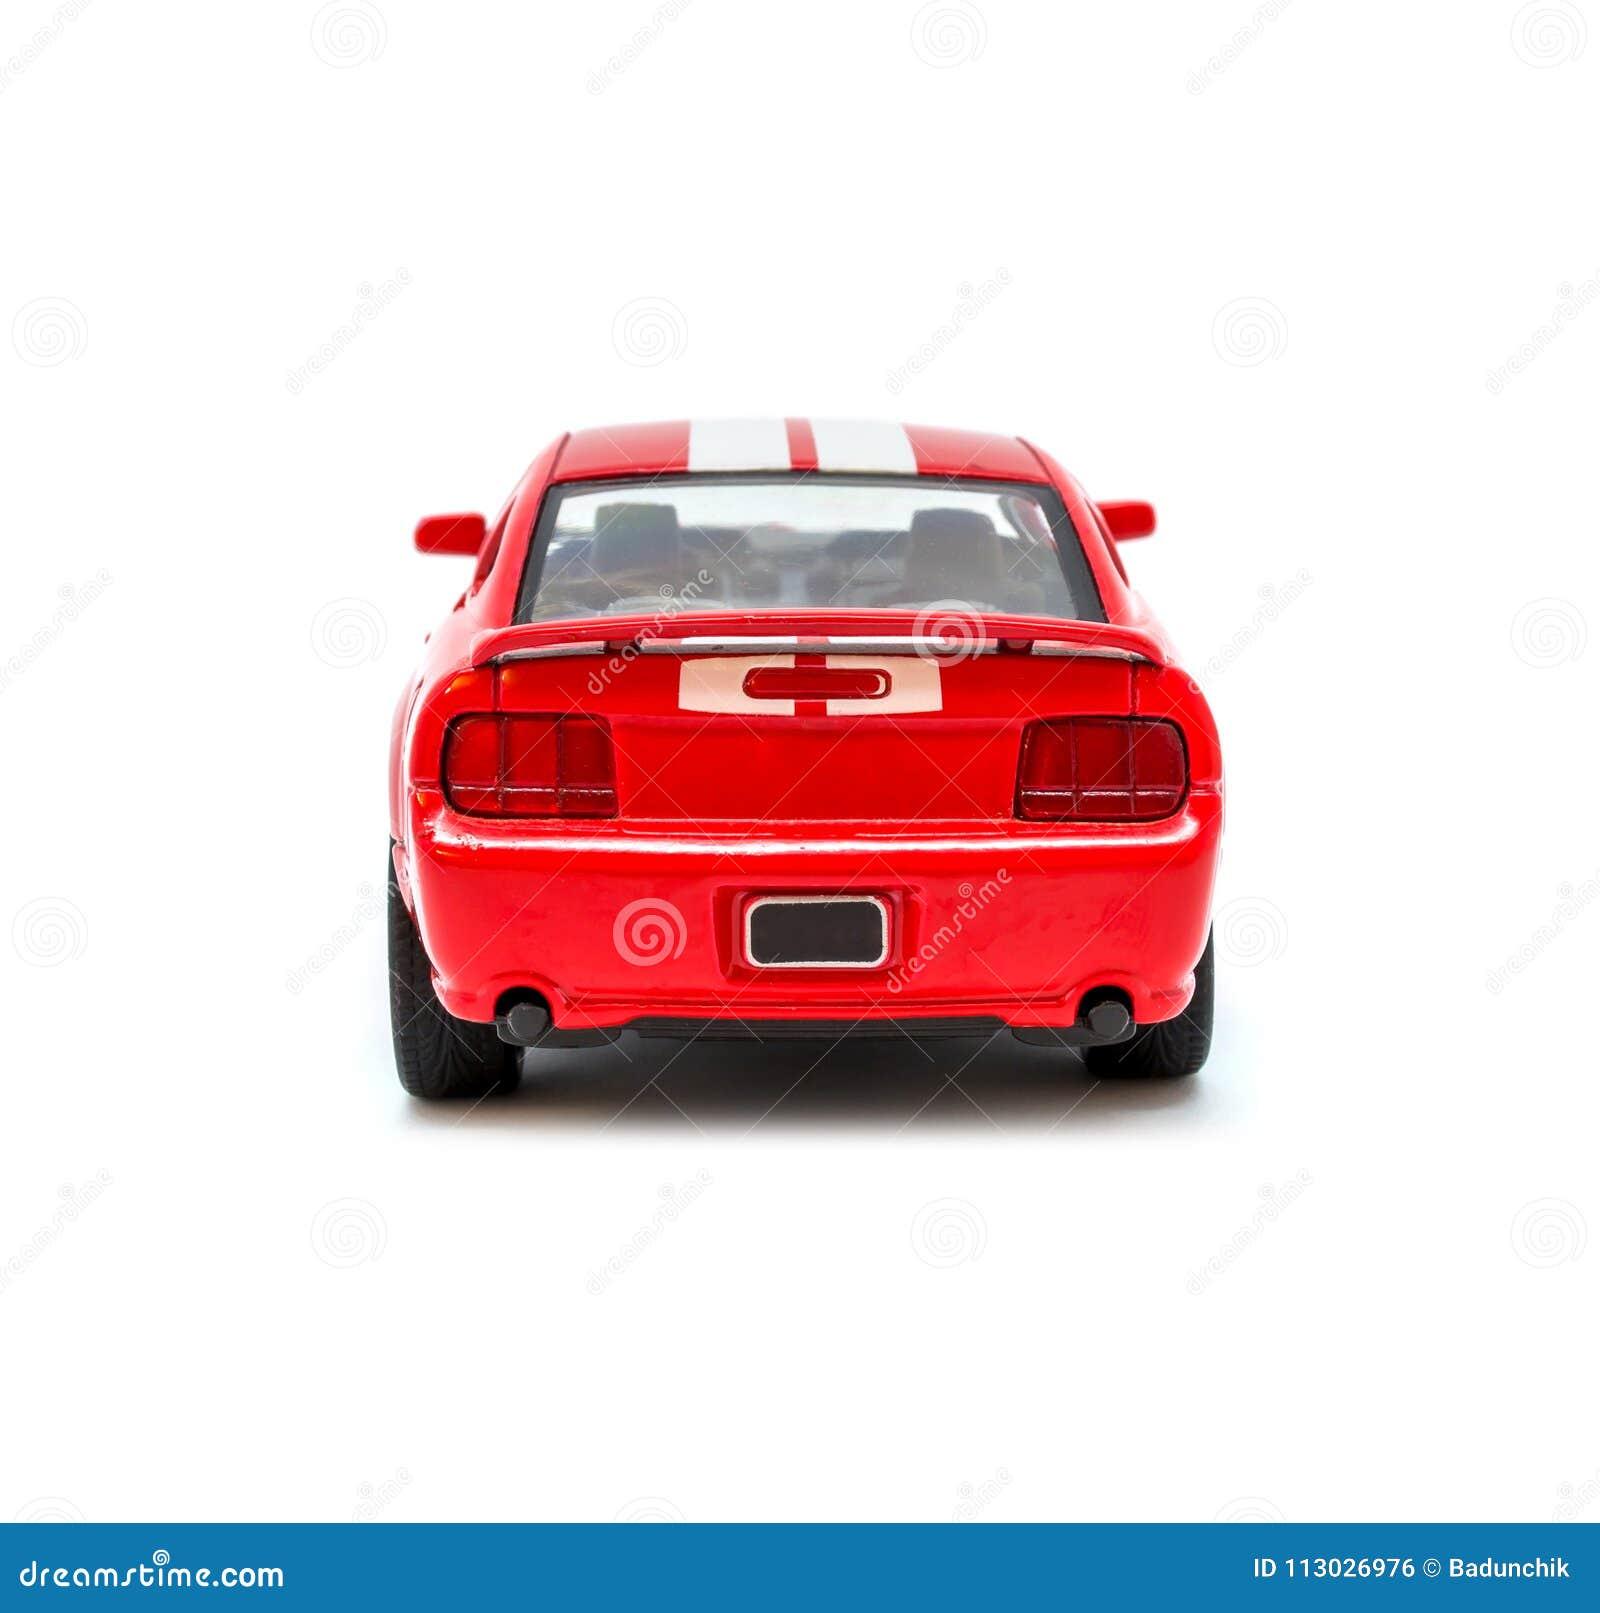 Foto del coche modelo del juguete rojo aislado en el fondo blanco